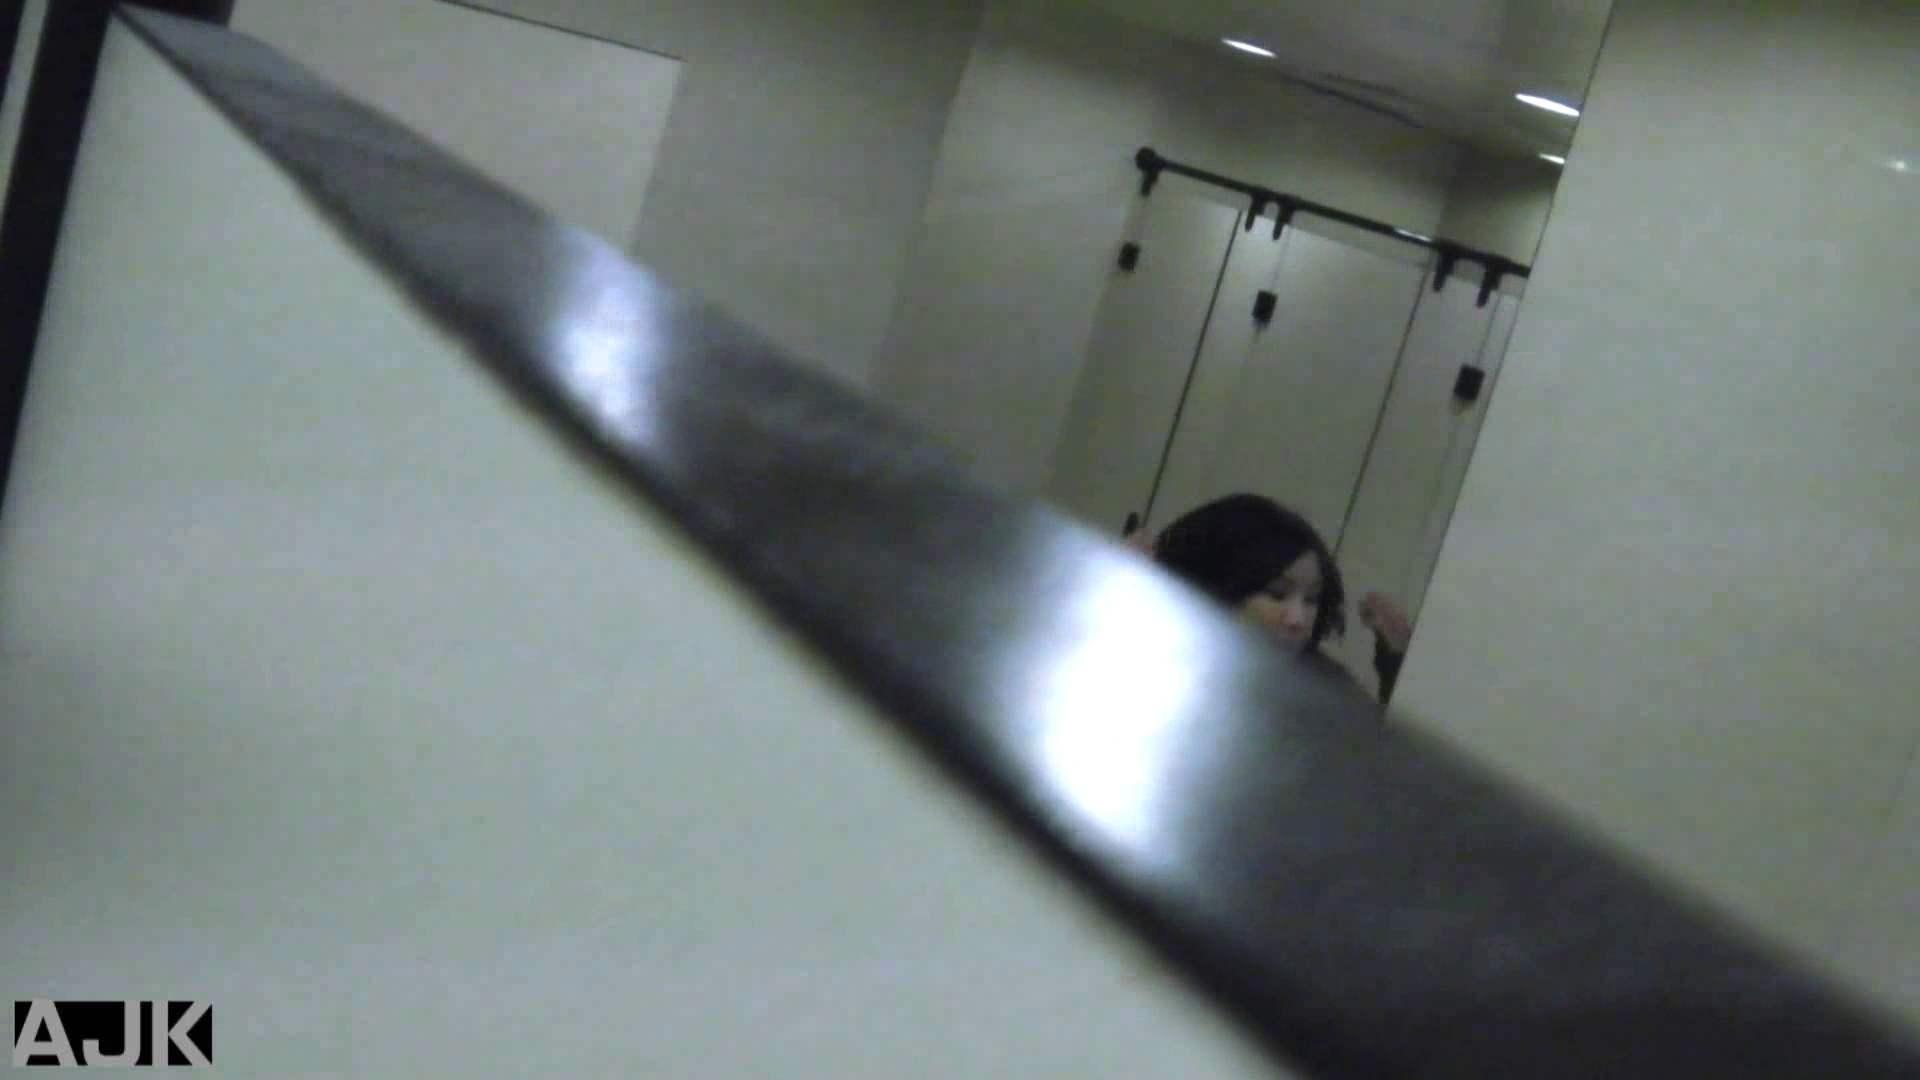 隣国上階級エリアの令嬢たちが集うデパートお手洗い Vol.01 丸見え  53PIX 1